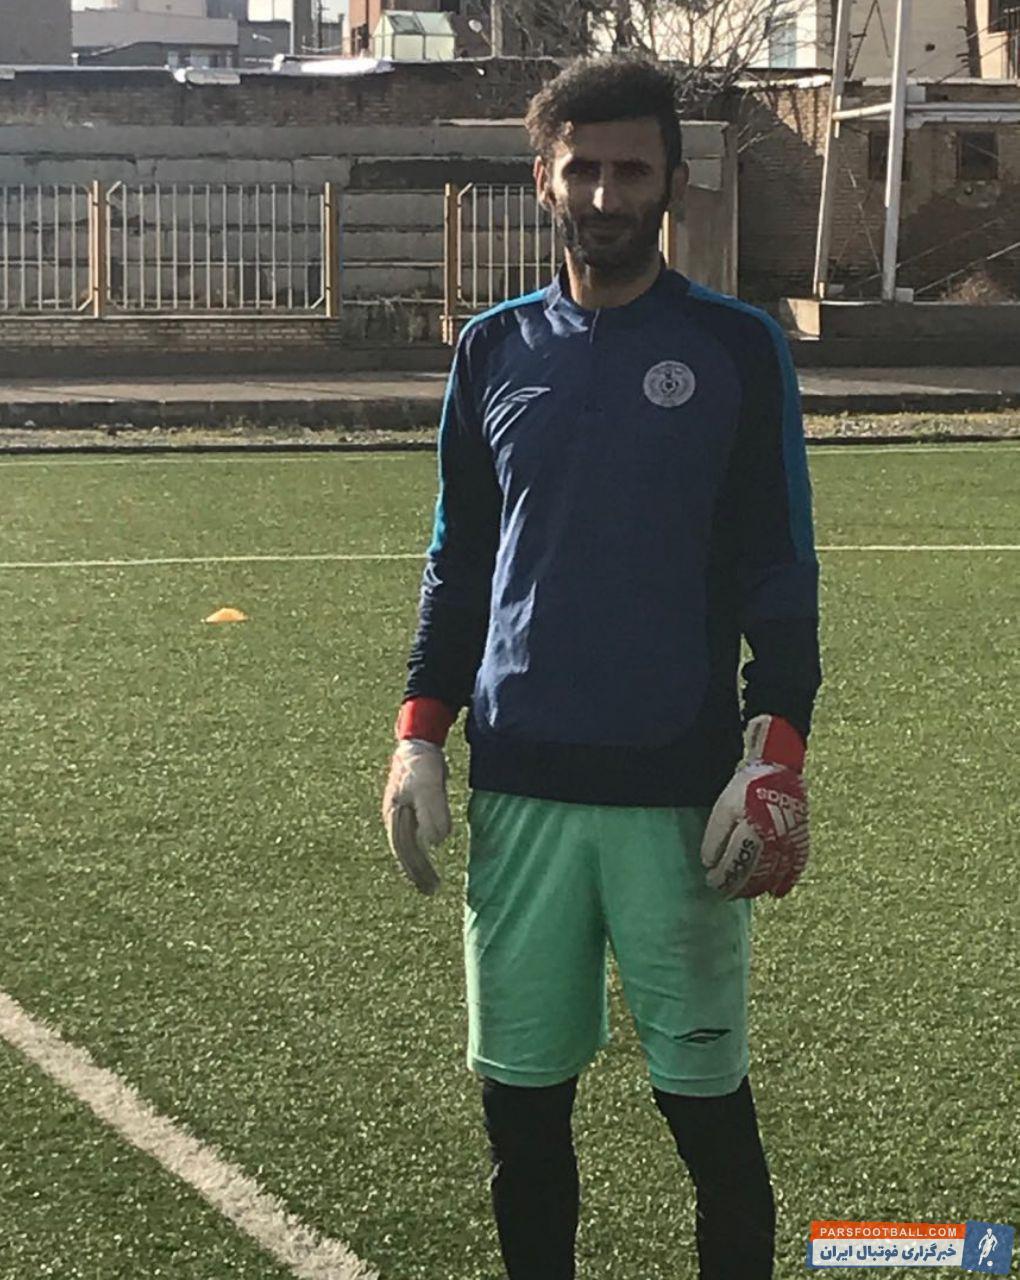 رکورد کلین شیت از سوی دروازه بان ها در فوتبال ایران در اختیار سید حسین حسینی بود حسین حسینی که موفق شد بود دروازه تیمش را 788 دقیقه بسته نگه دارد.